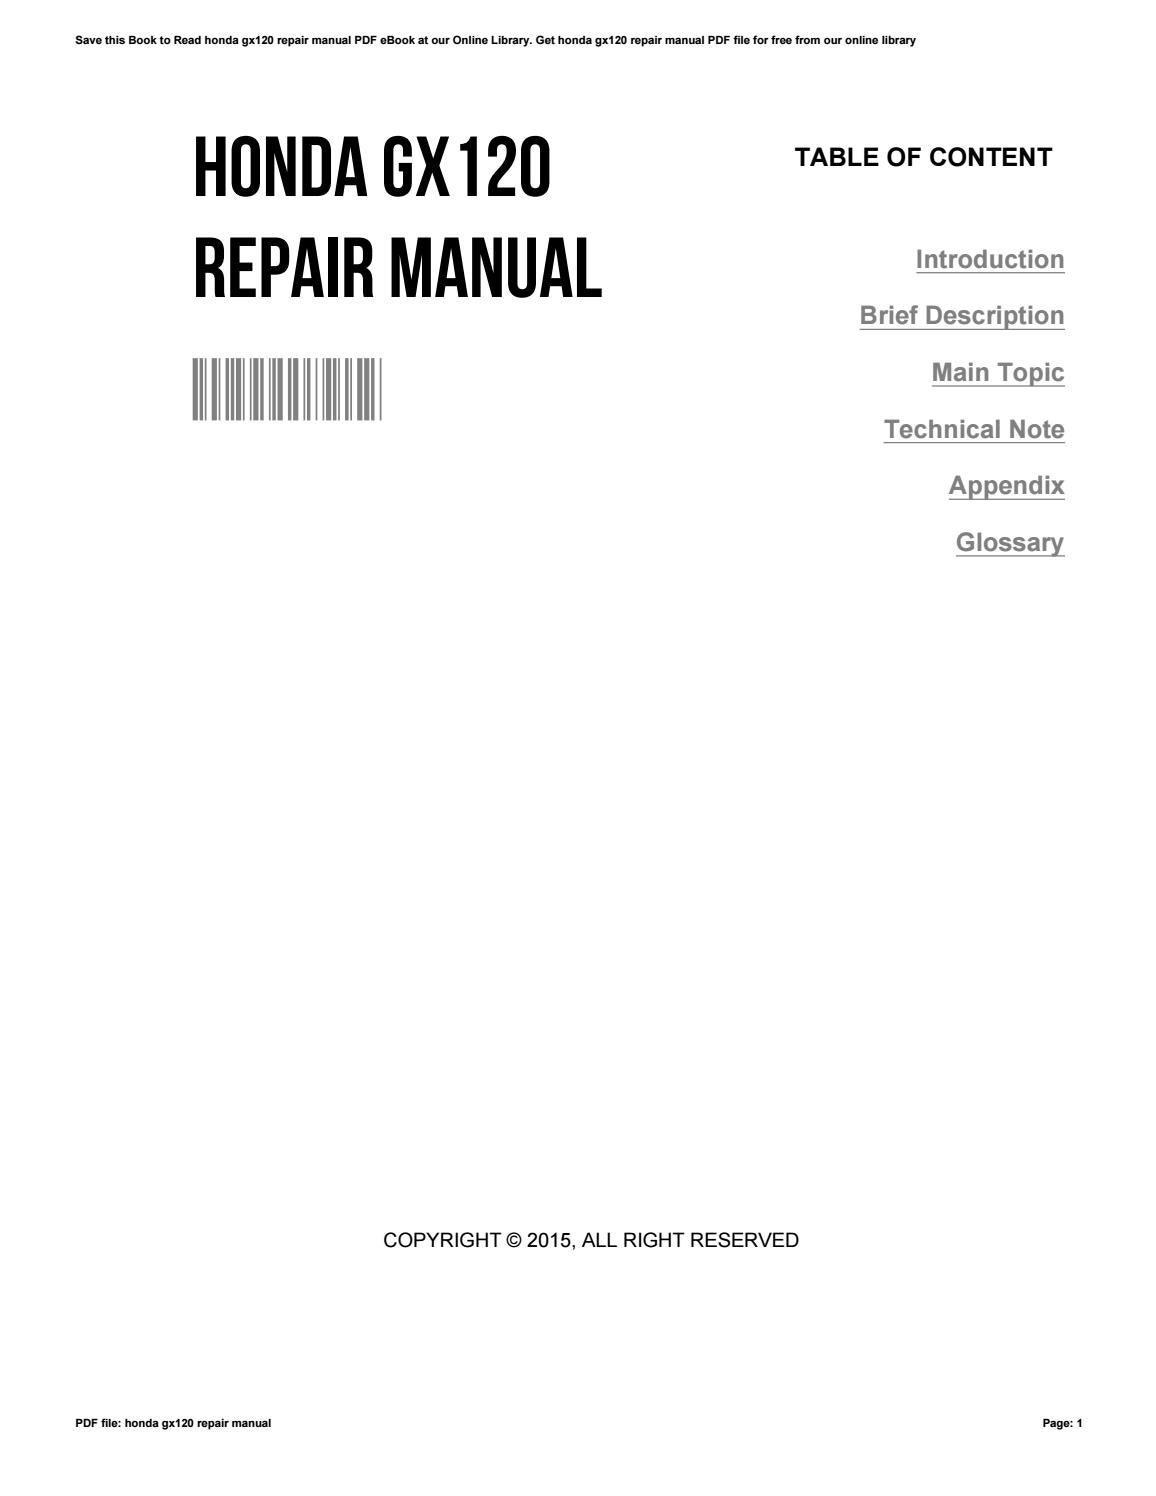 honda gx120 manual